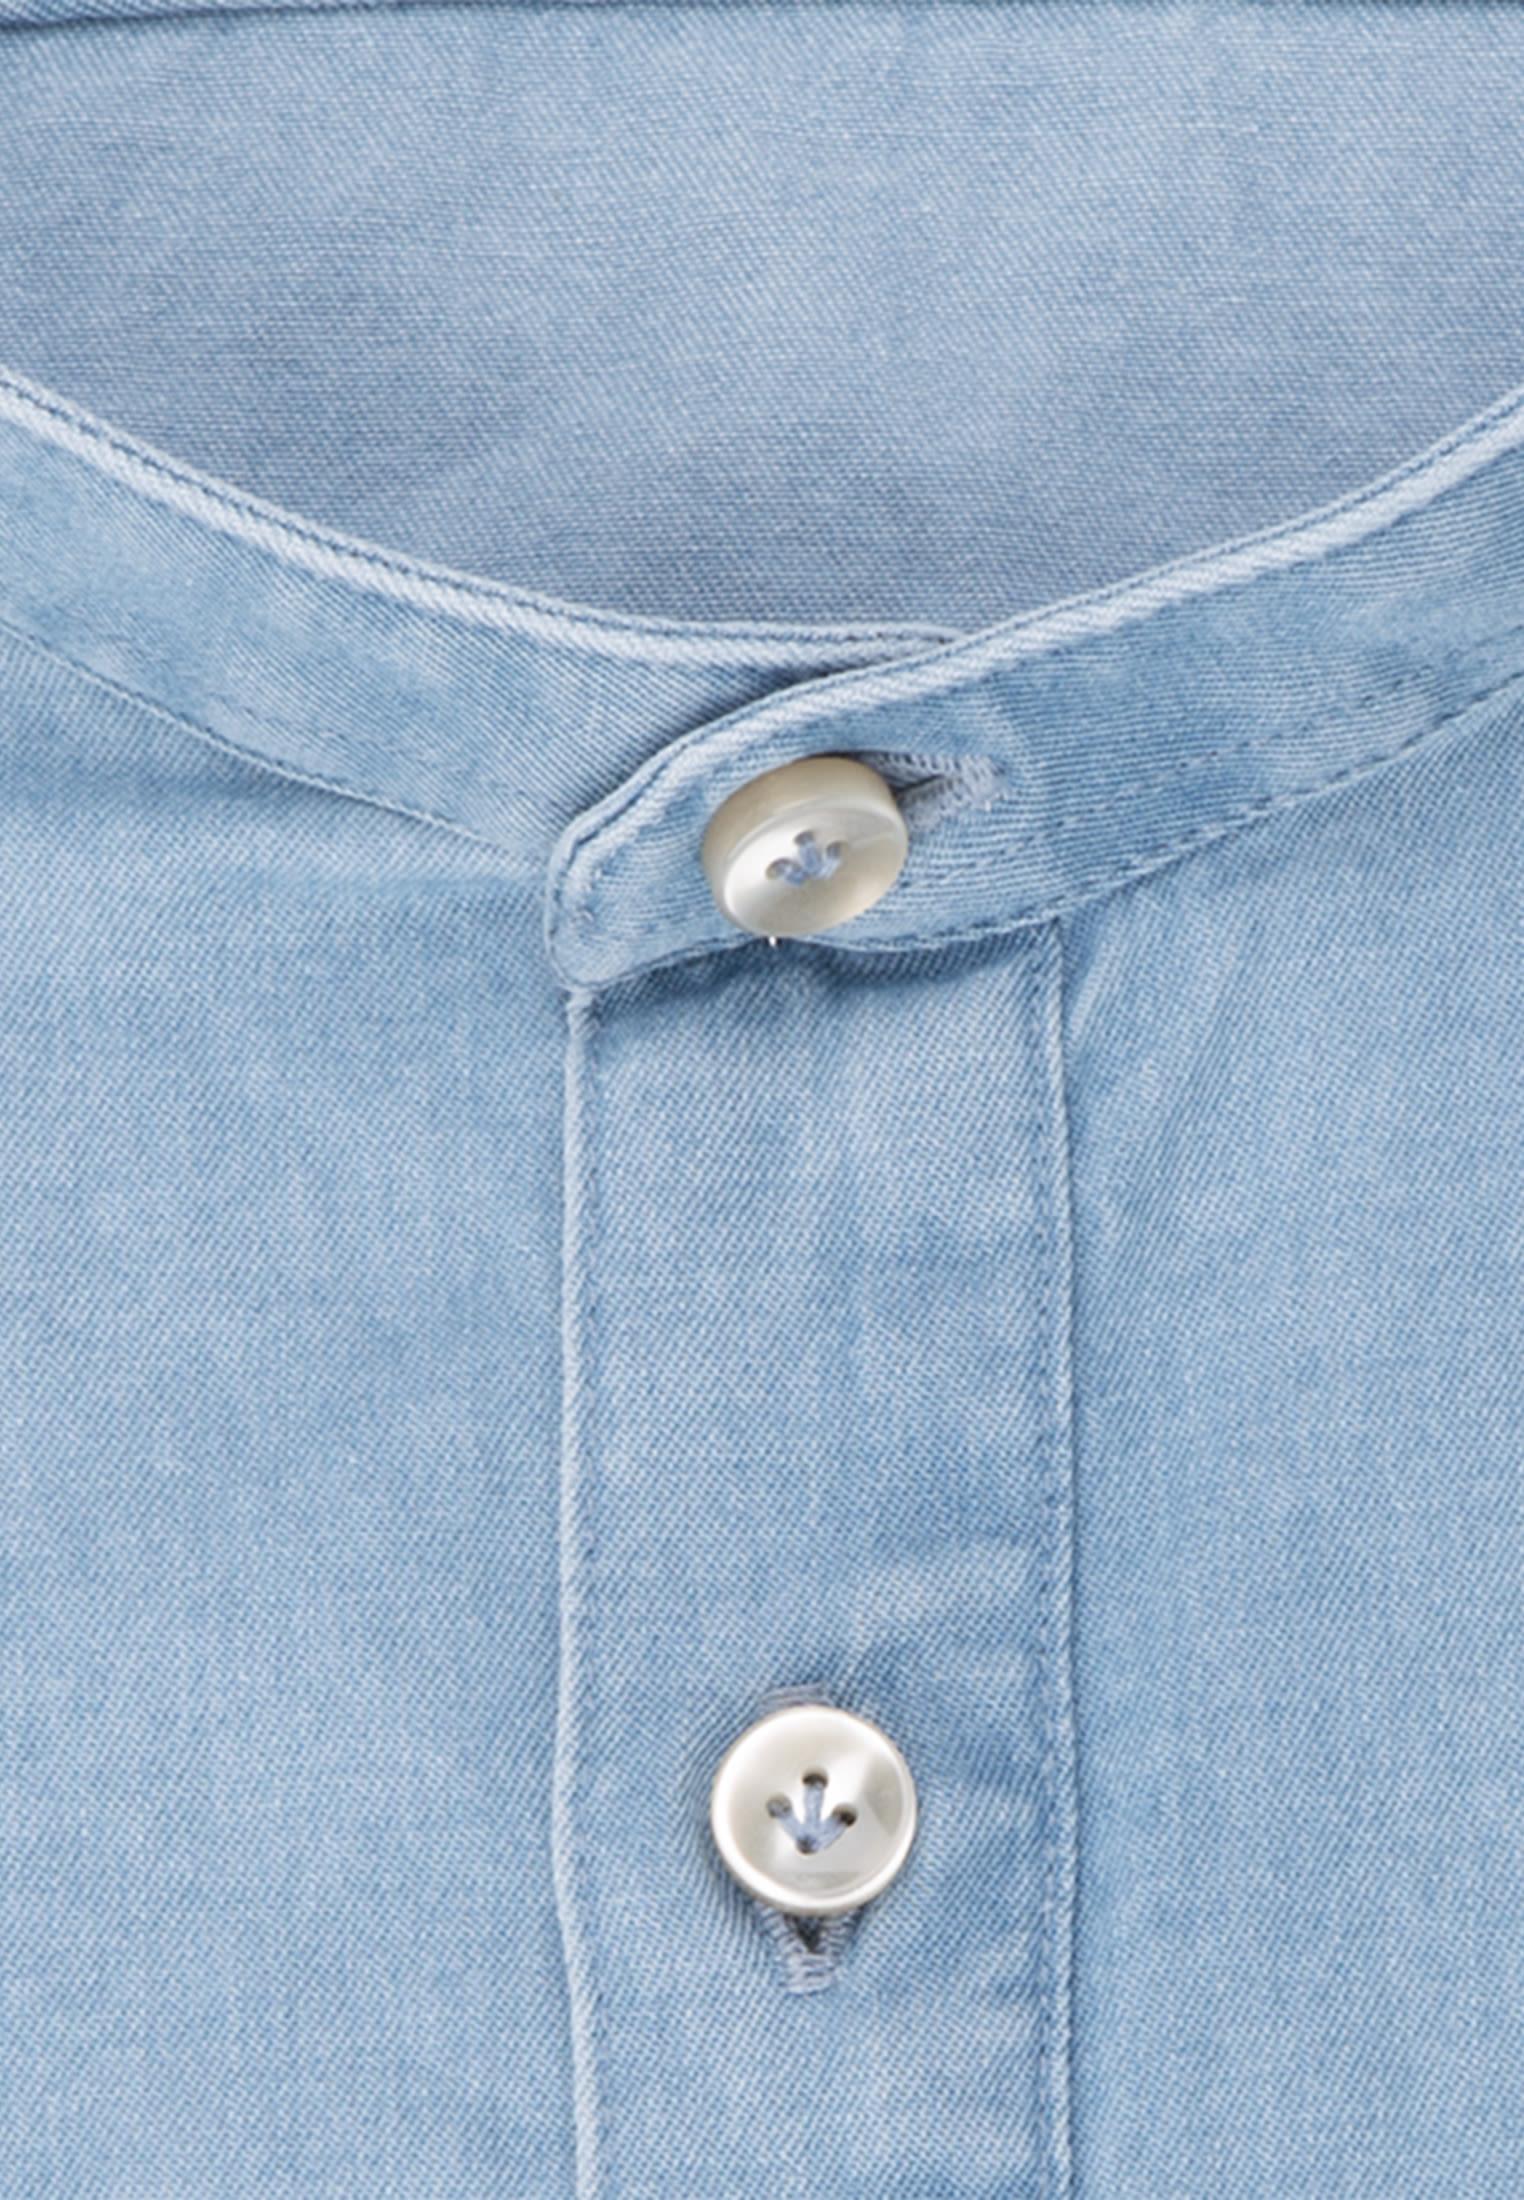 Denim Smart Casual Hemd in Perfect Fit mit Stehkragen in Hellblau    Jacques Britt Onlineshop